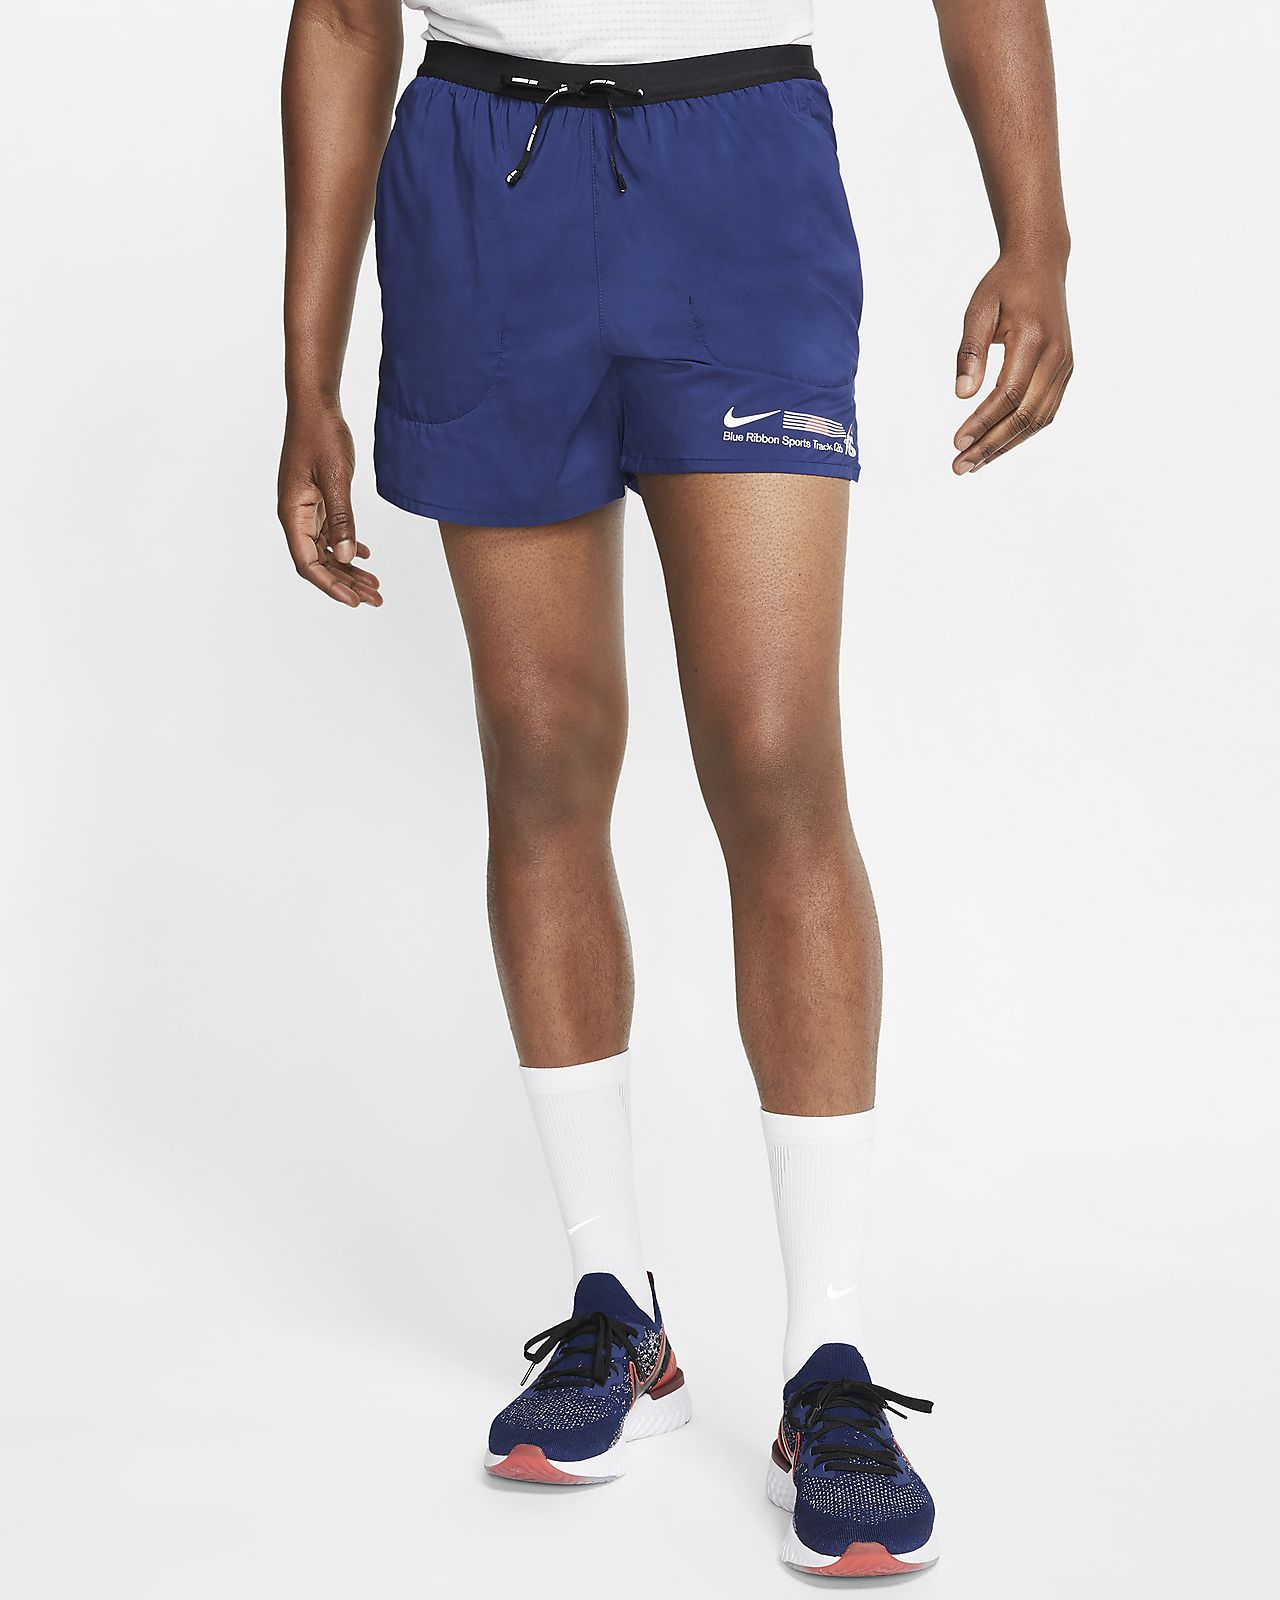 Nike Flex Stride Blue Ribbon Sports Hardloopshorts met binnenbroek voor heren (13 cm)